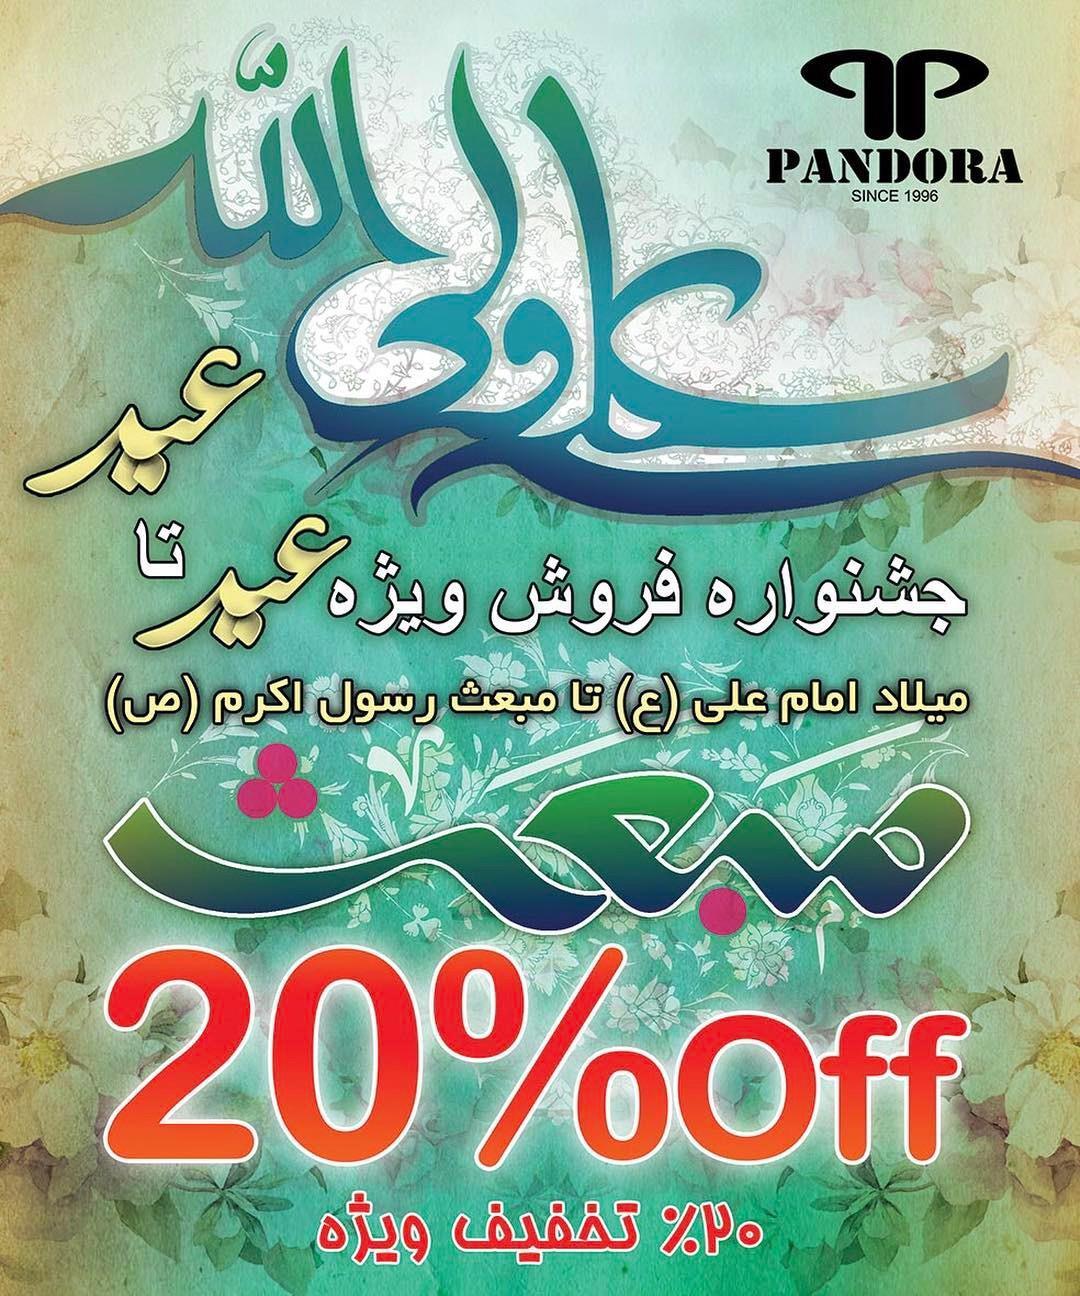 جشنواره فروش ویژه عید تا عید چ